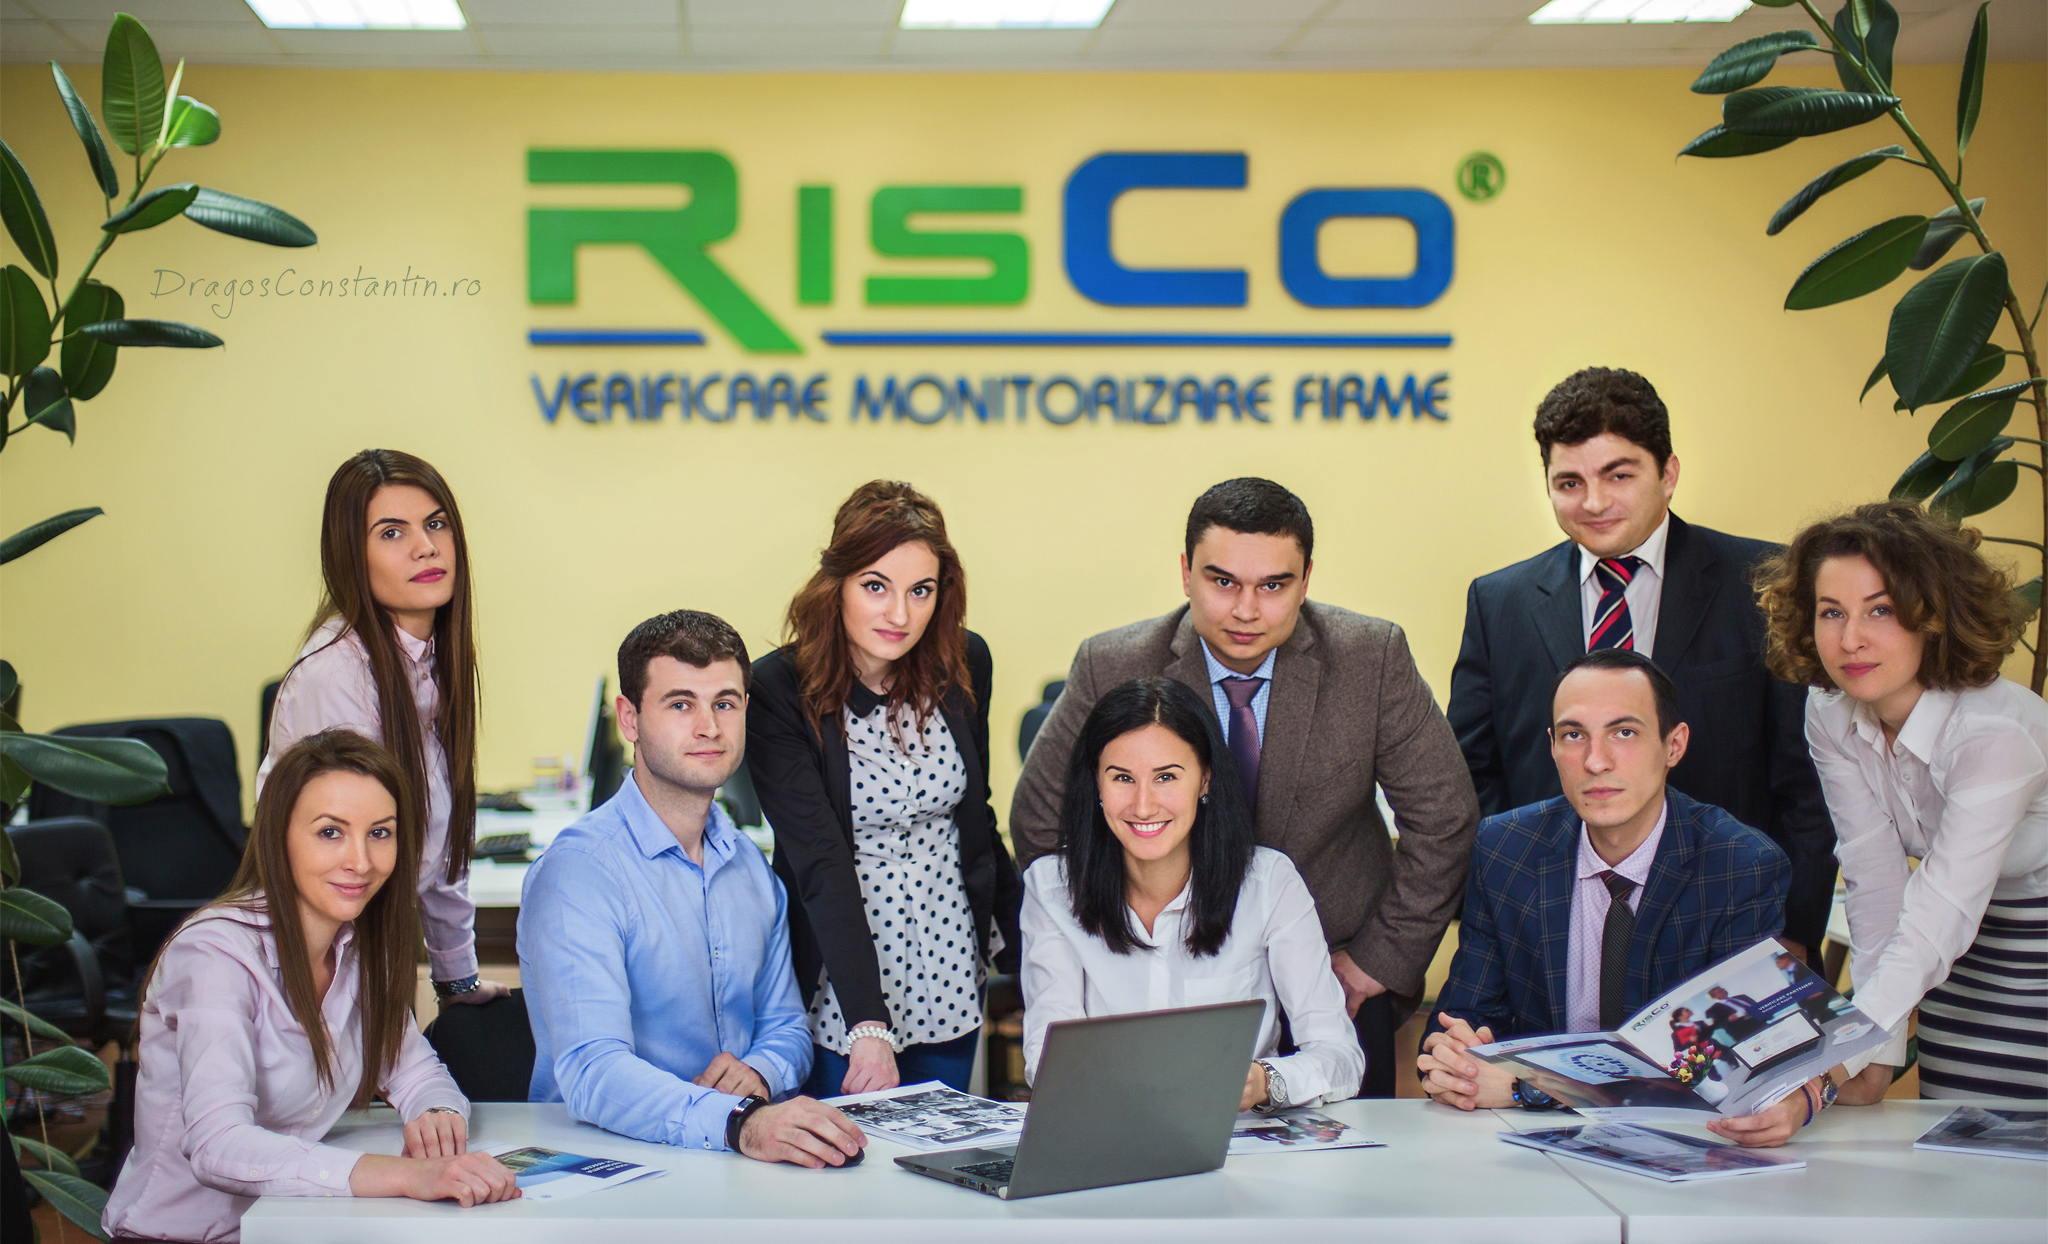 Portret Business Risco